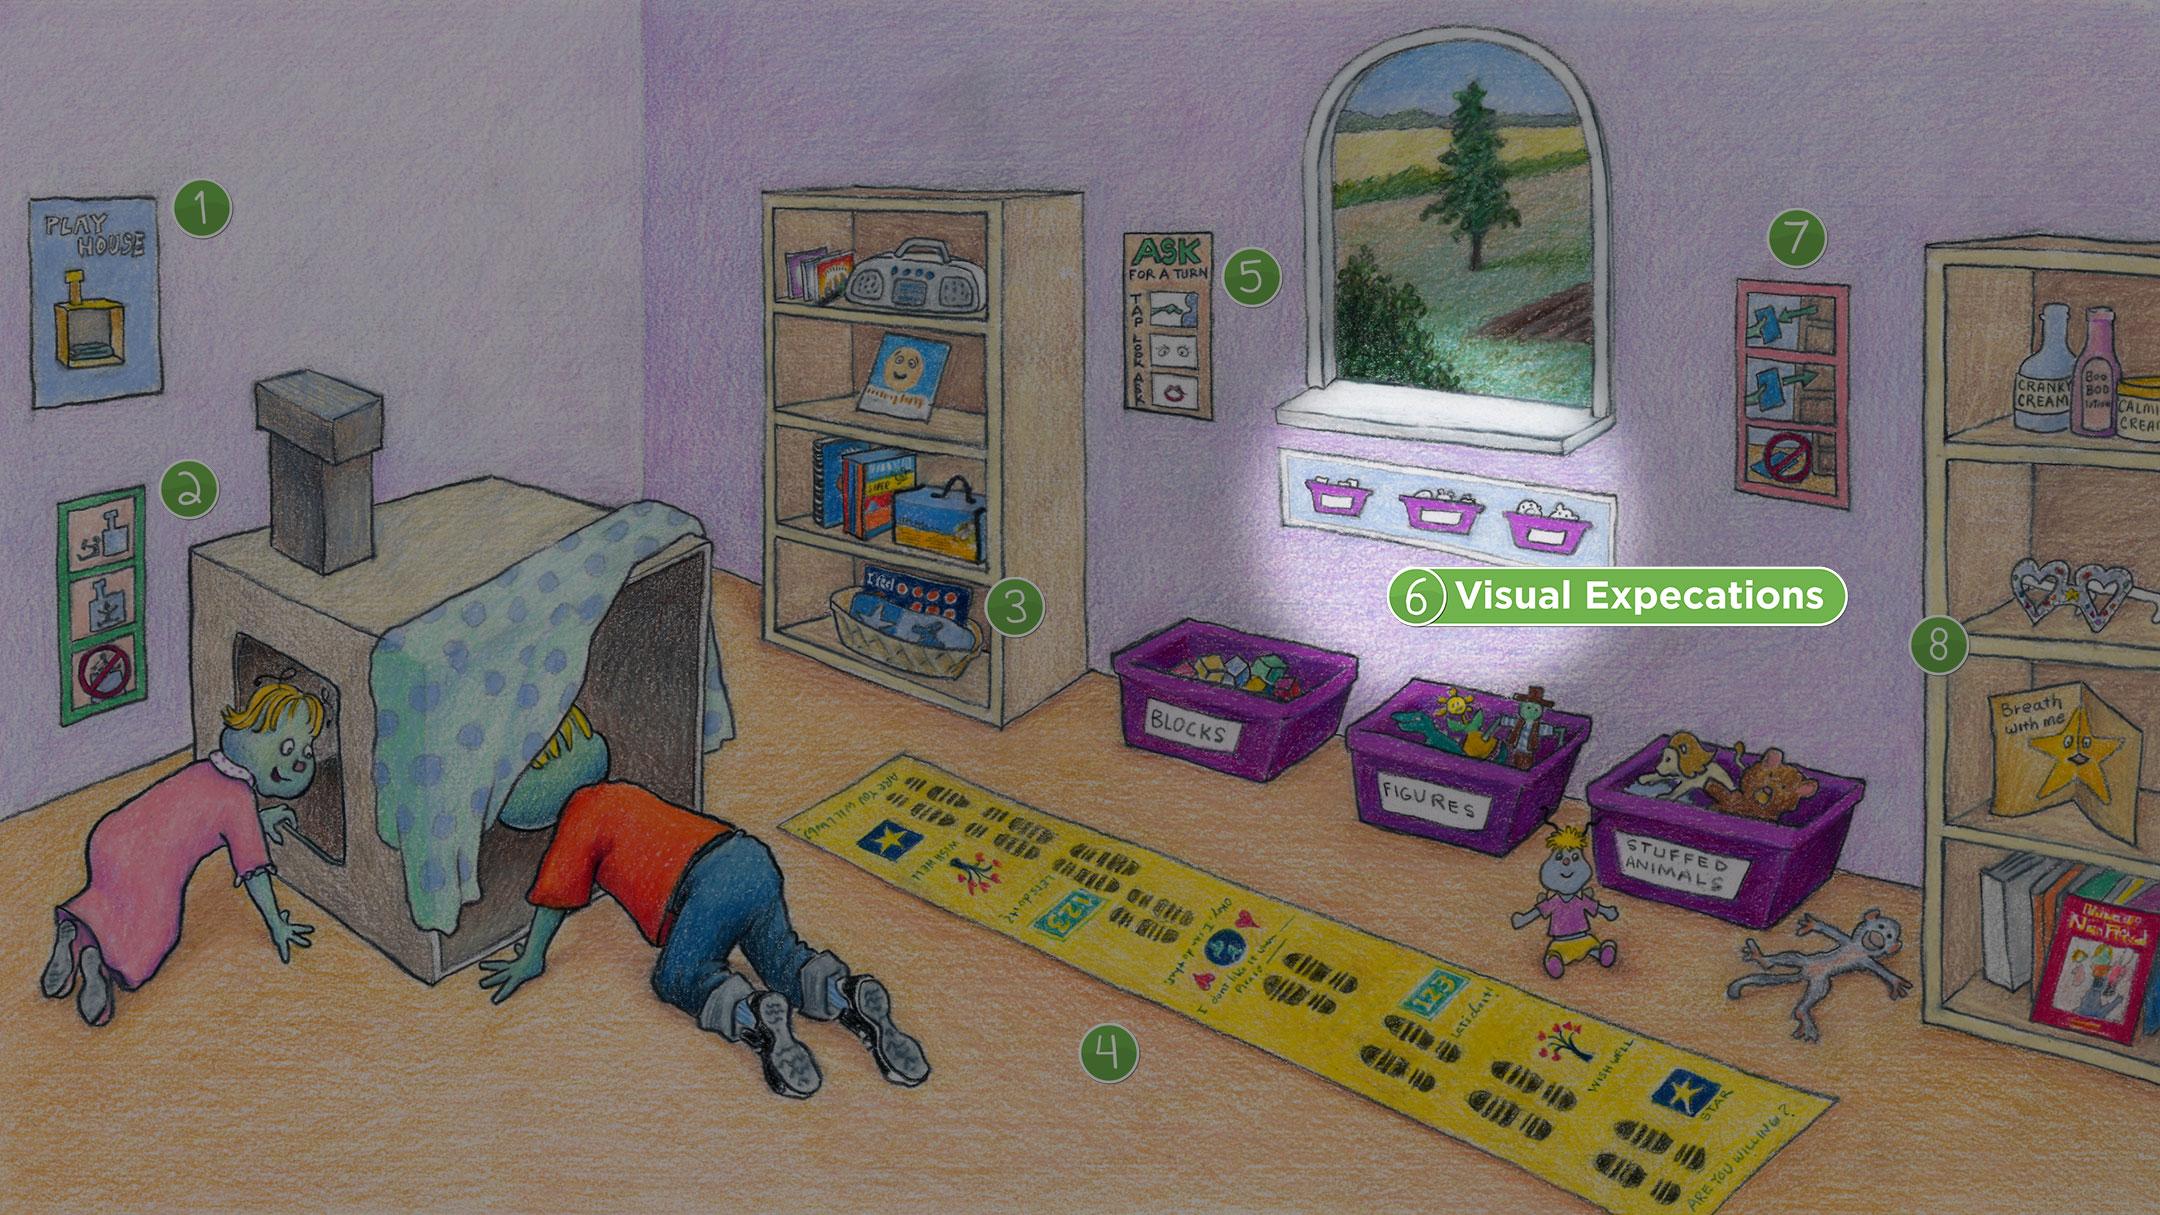 Playroom: Visual Expectations